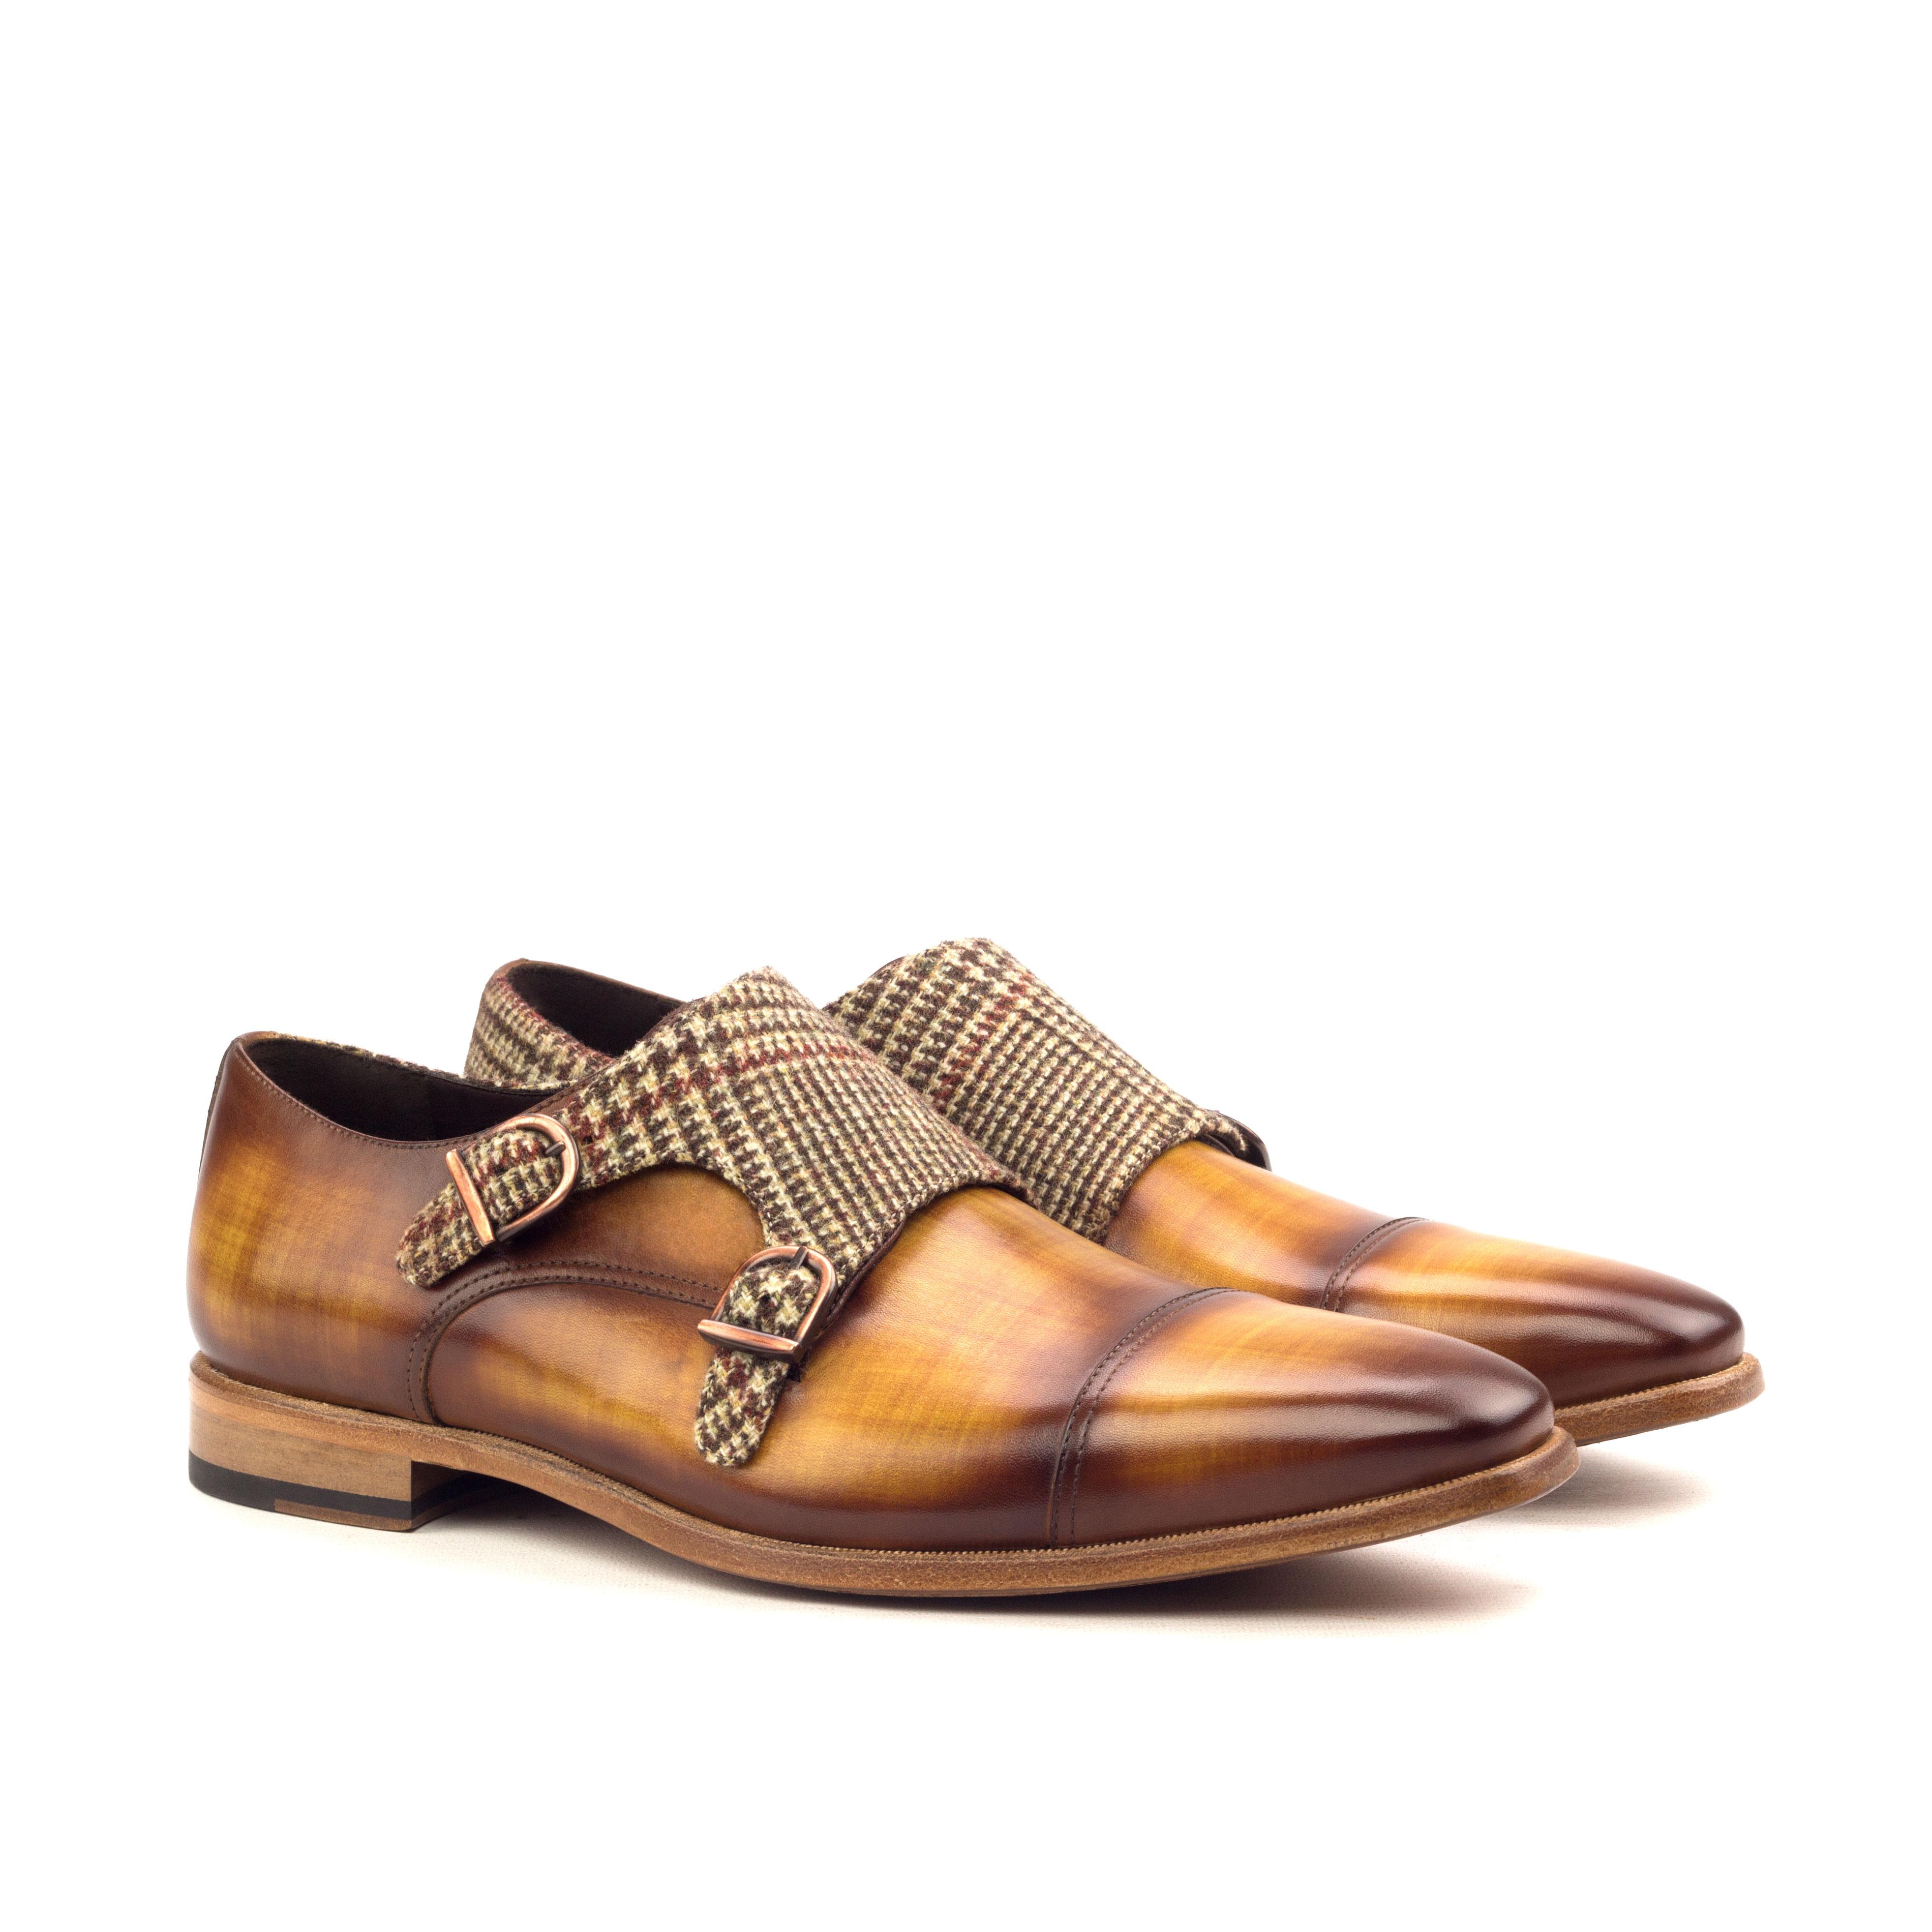 Double Monk – Crust Patina Cognac-Wool Tweed Brown-Ang5